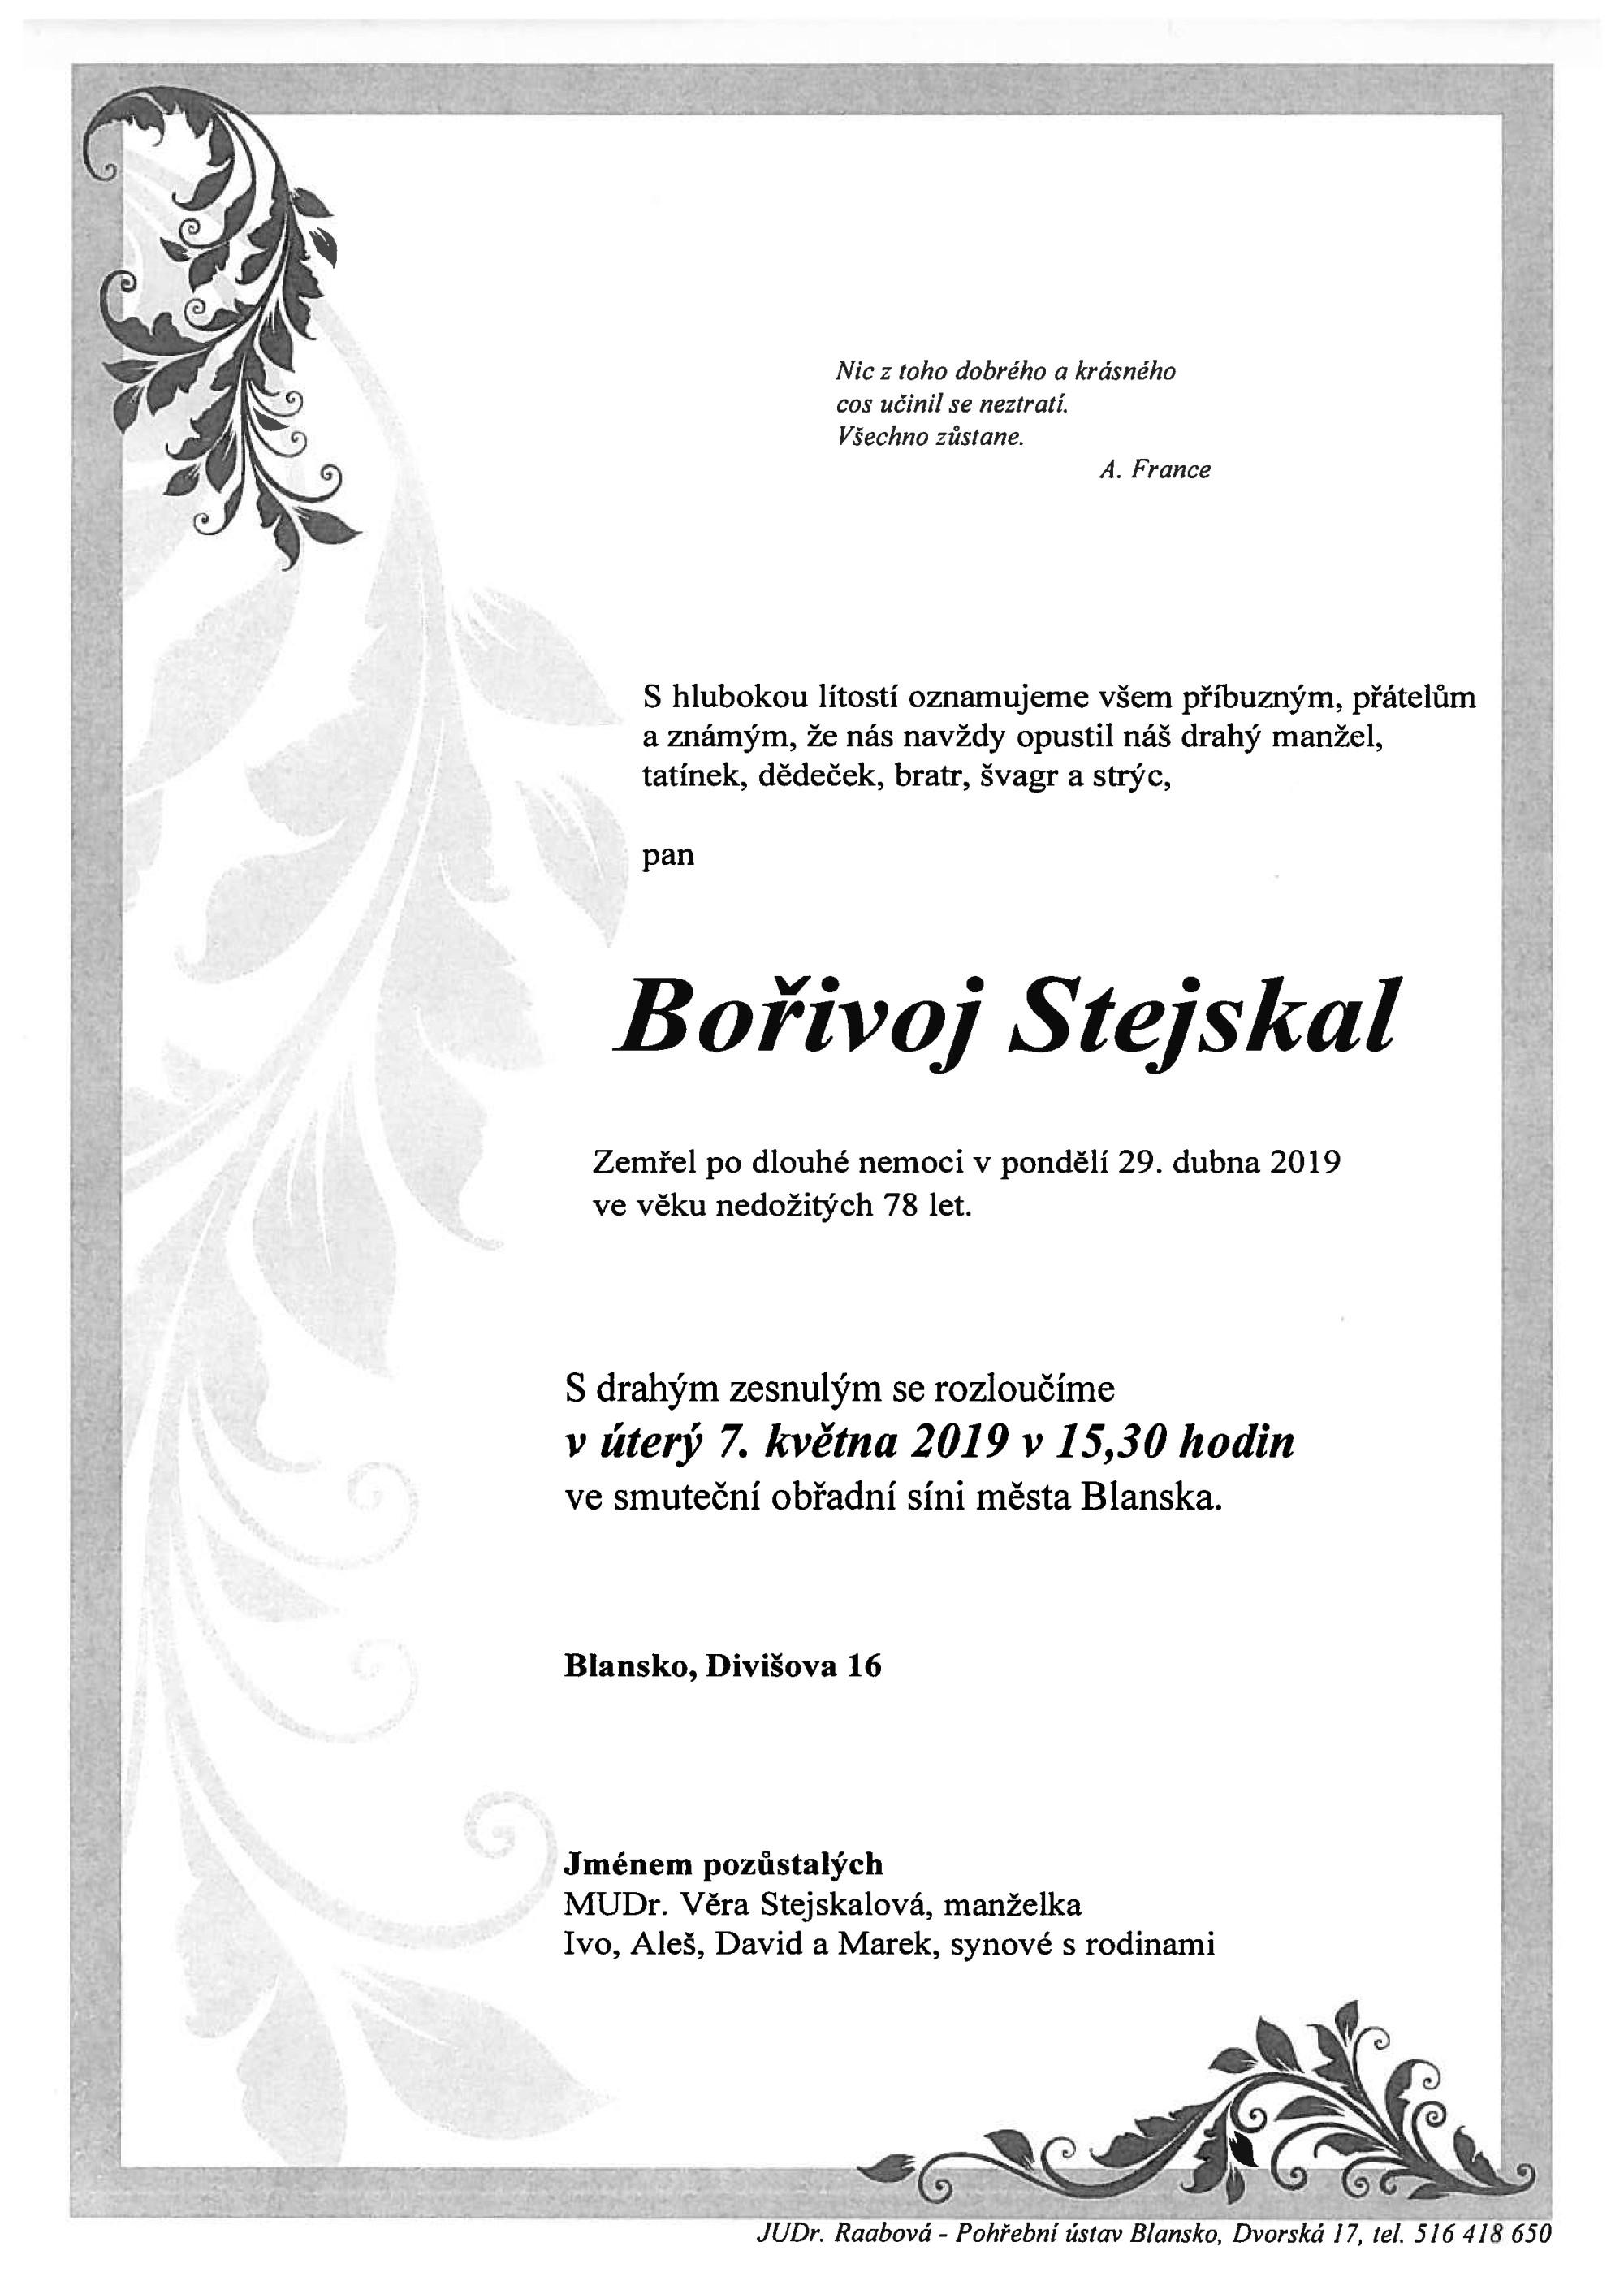 Bořivoj Stejskal